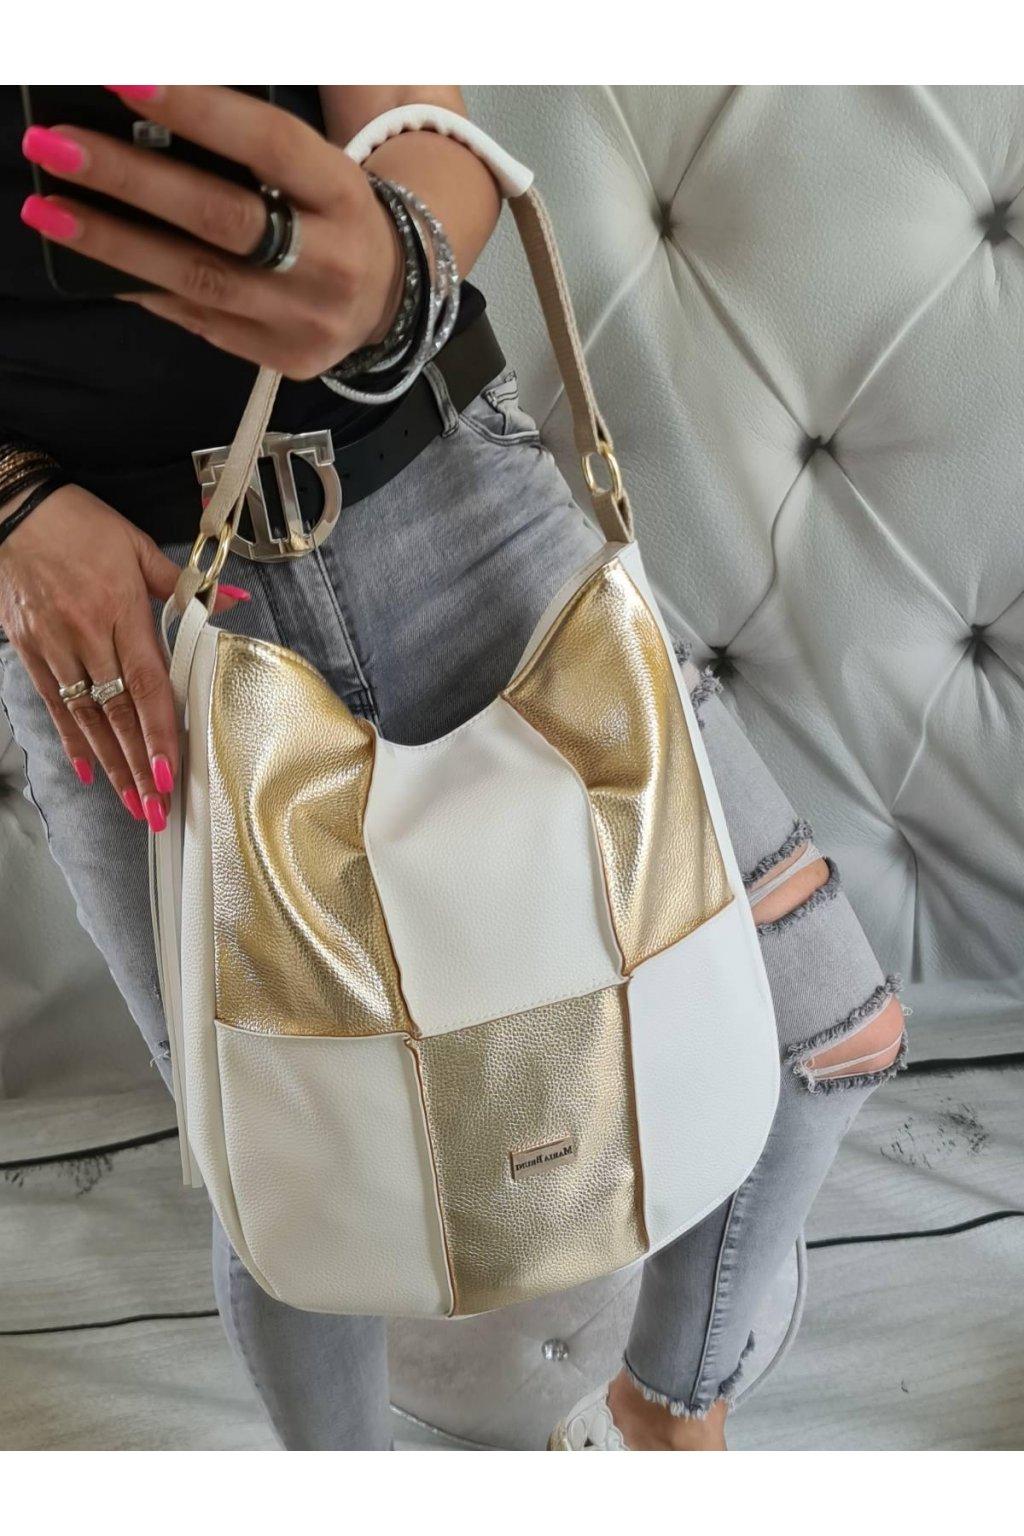 clare trendy letní kabelka bílo zlatá eko kůže koženka (2)